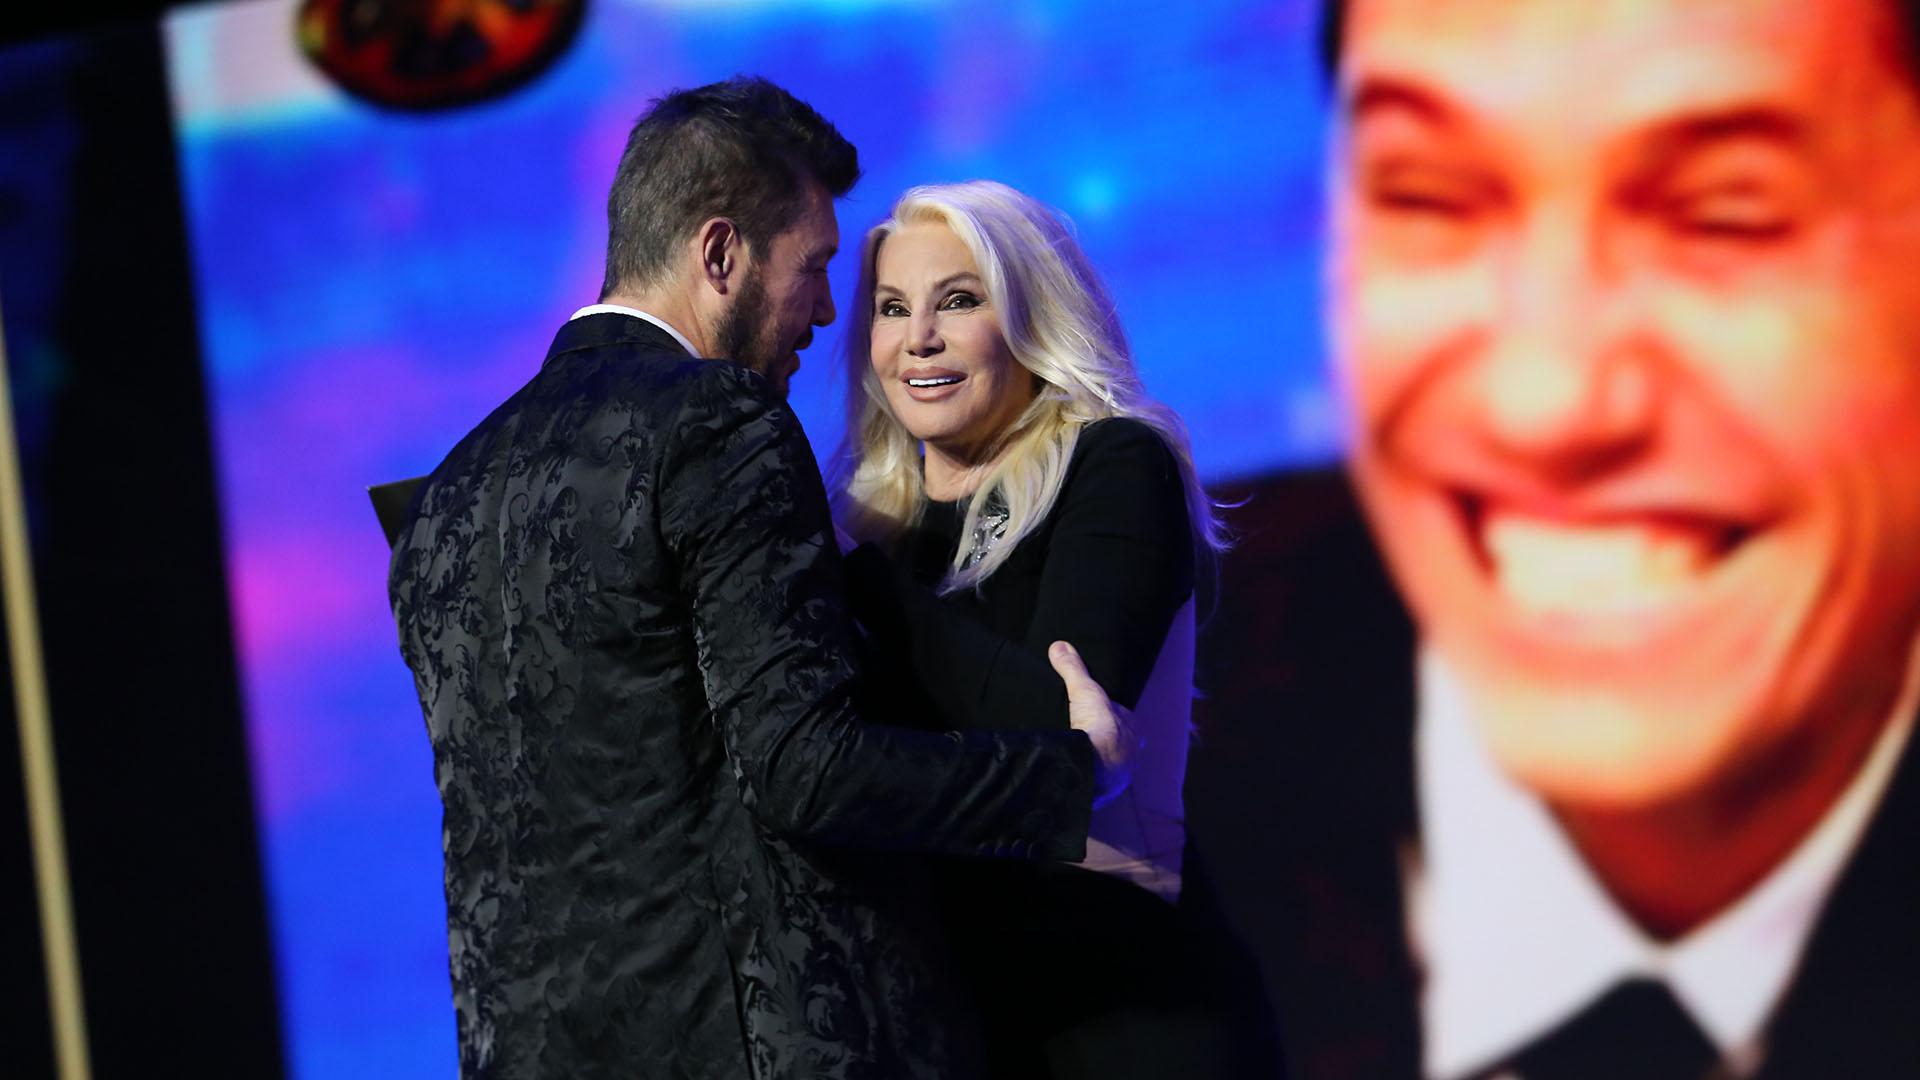 """Marcelo, emocionado, agradeció que Susana haya sido quien presentara un premio tan especial: """"La admiro y la quiero"""", dijo"""